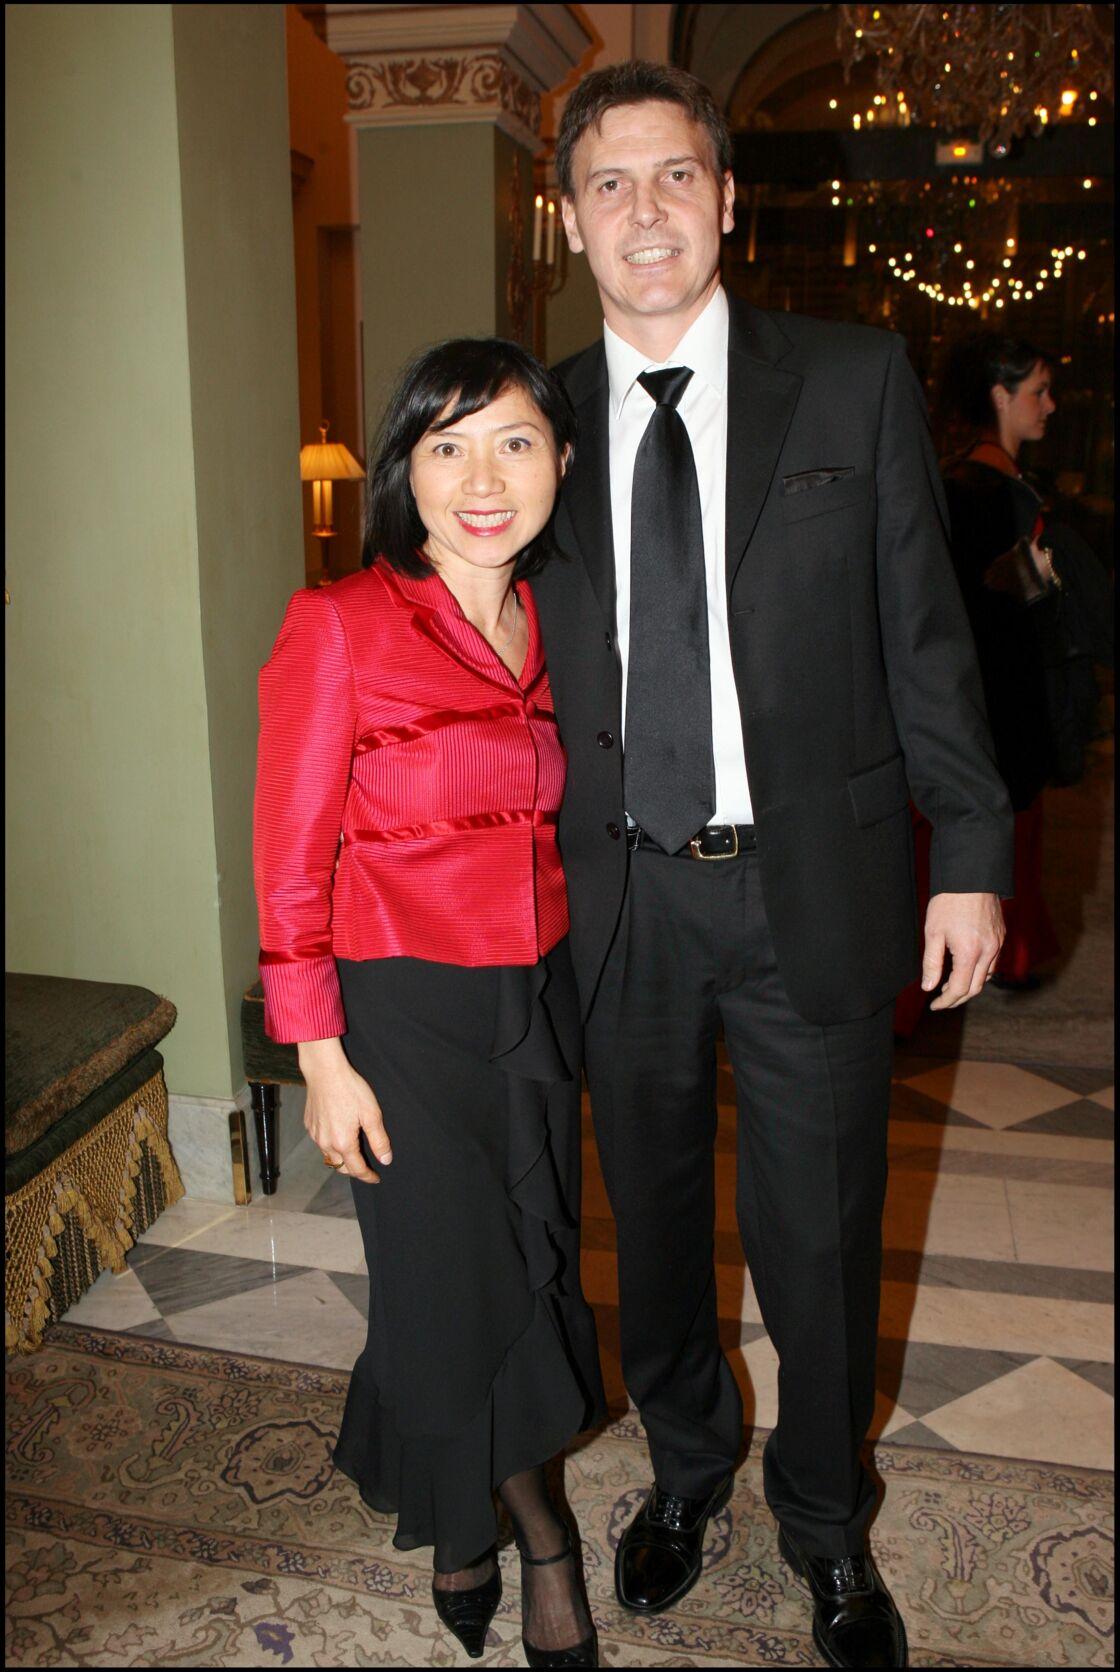 Anh Dao Traxel, et son époux Emmanuel Traxel.